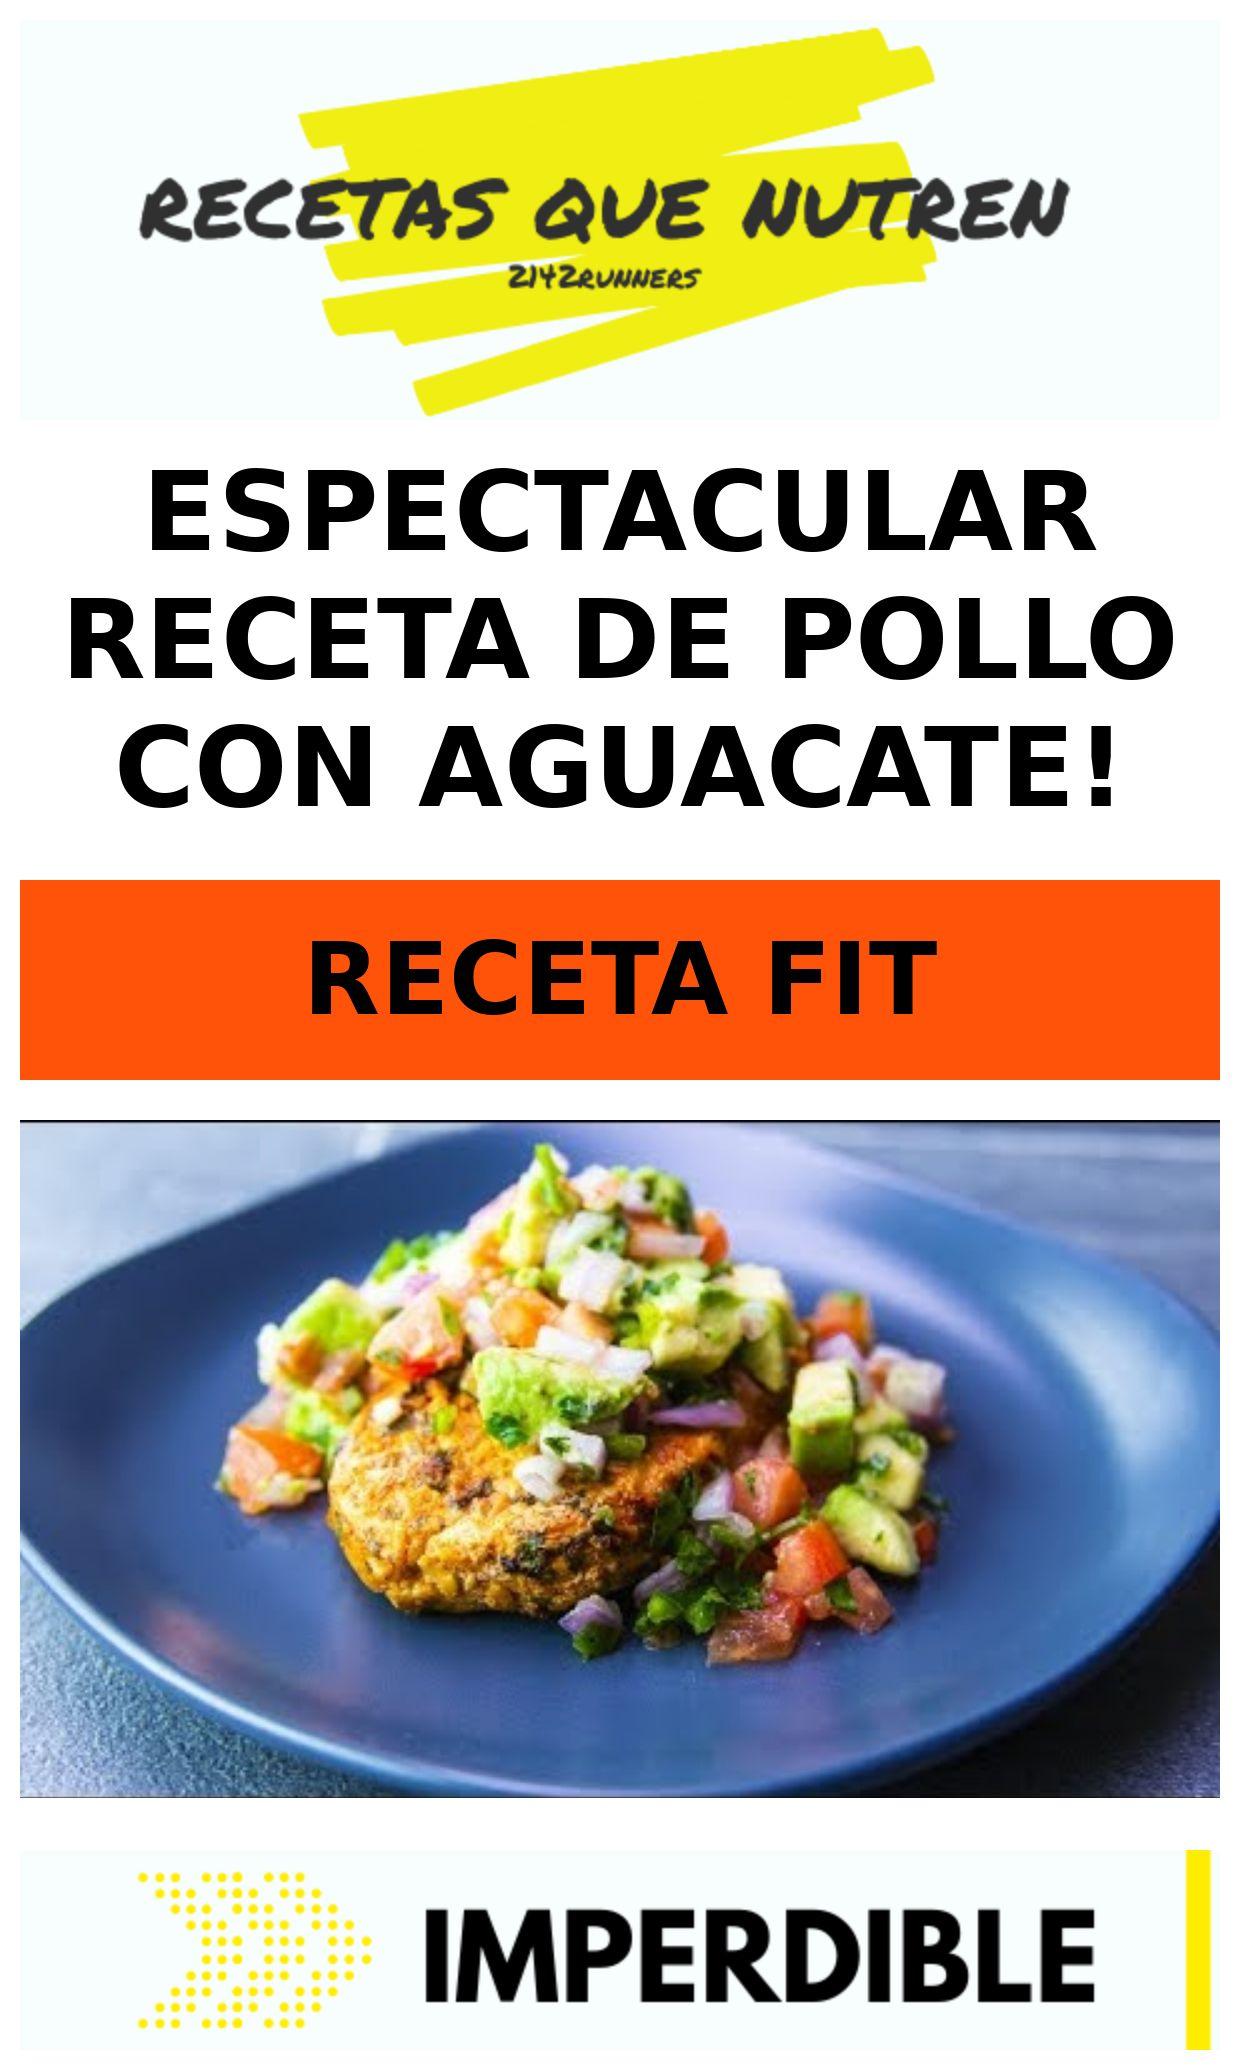 Espectacular receta de POLLO con AGUACATE!